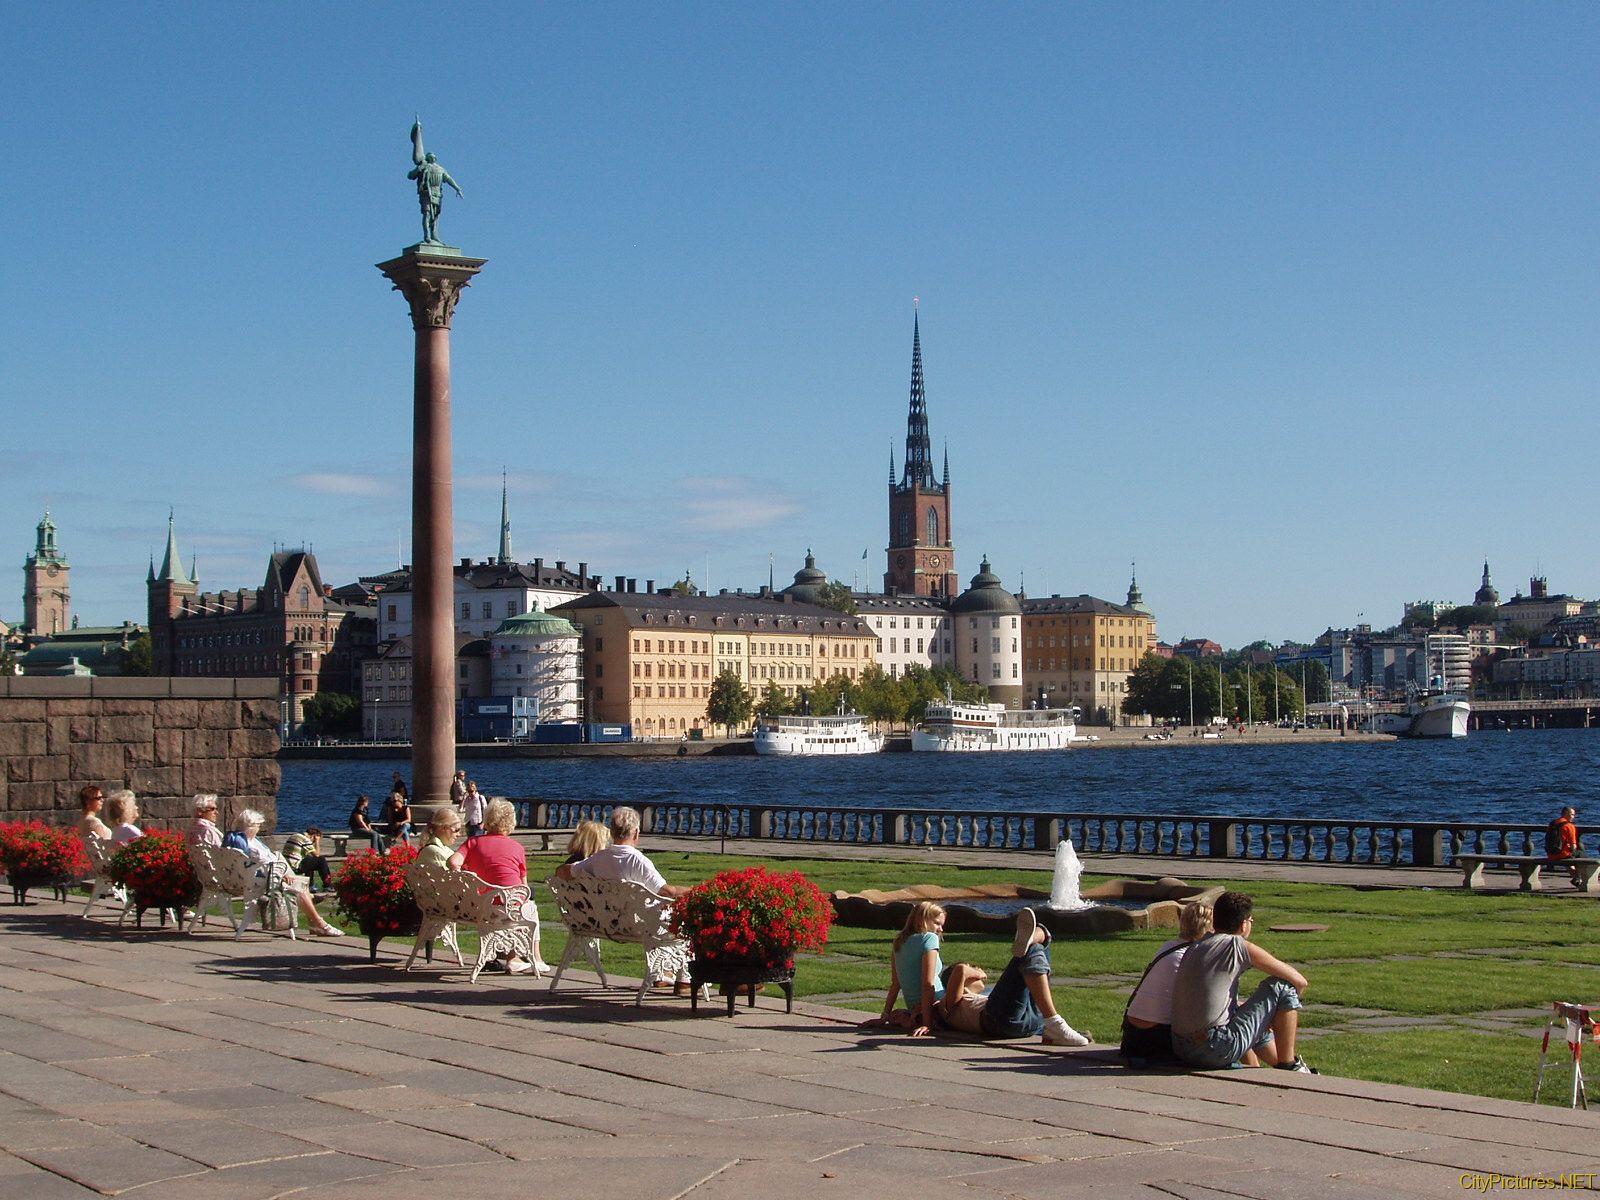 Stockholm Sweden picture, Stockholm Sweden photo, Stockholm Sweden pic